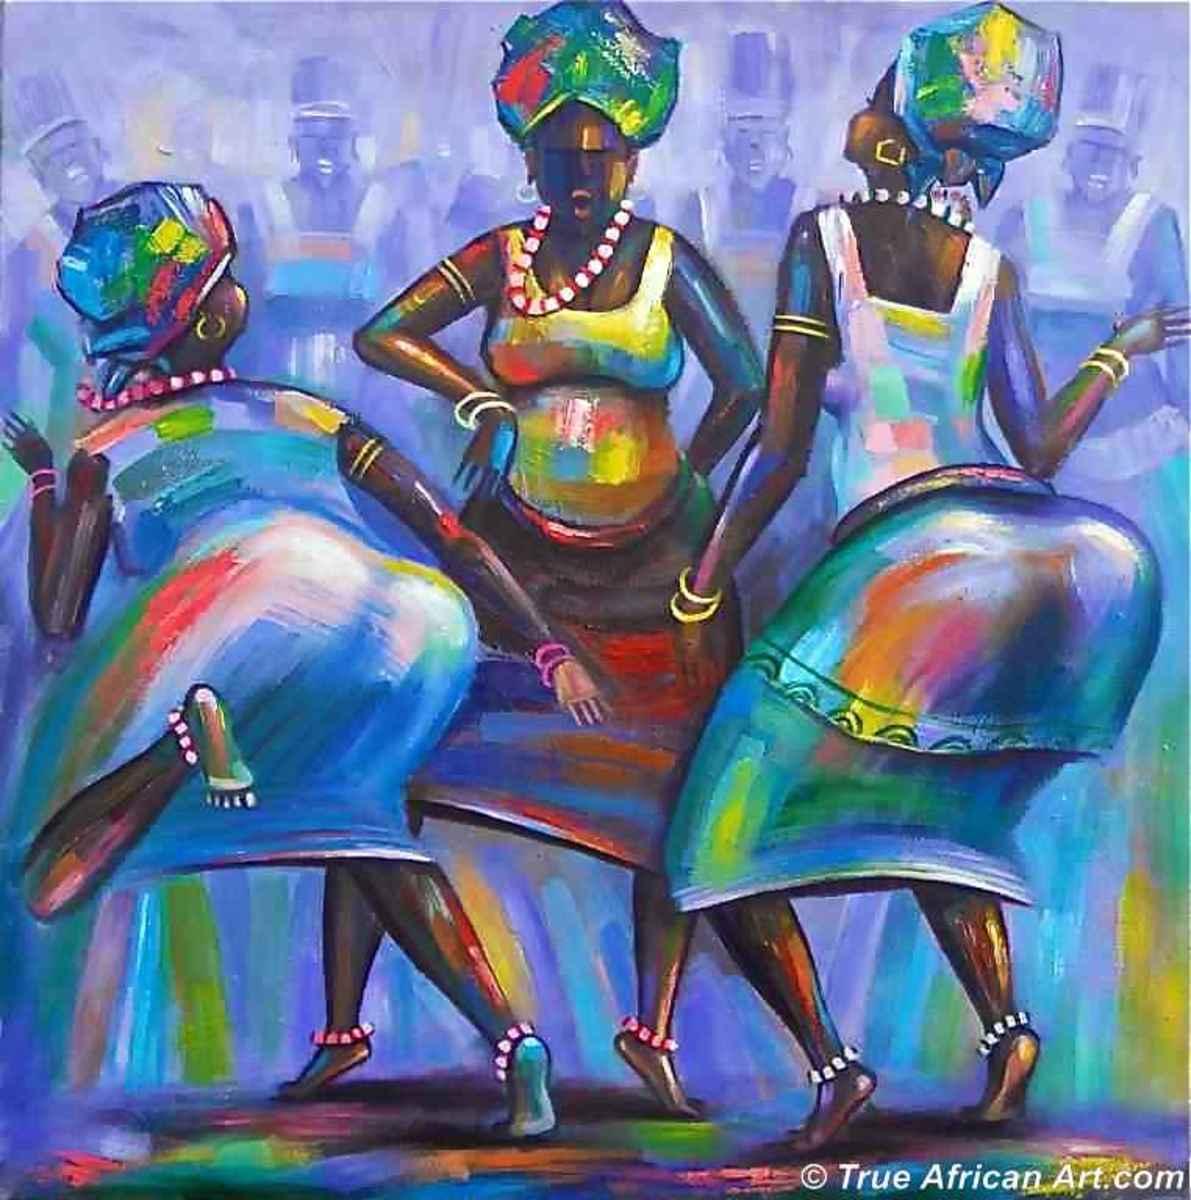 Amaka from Ghana